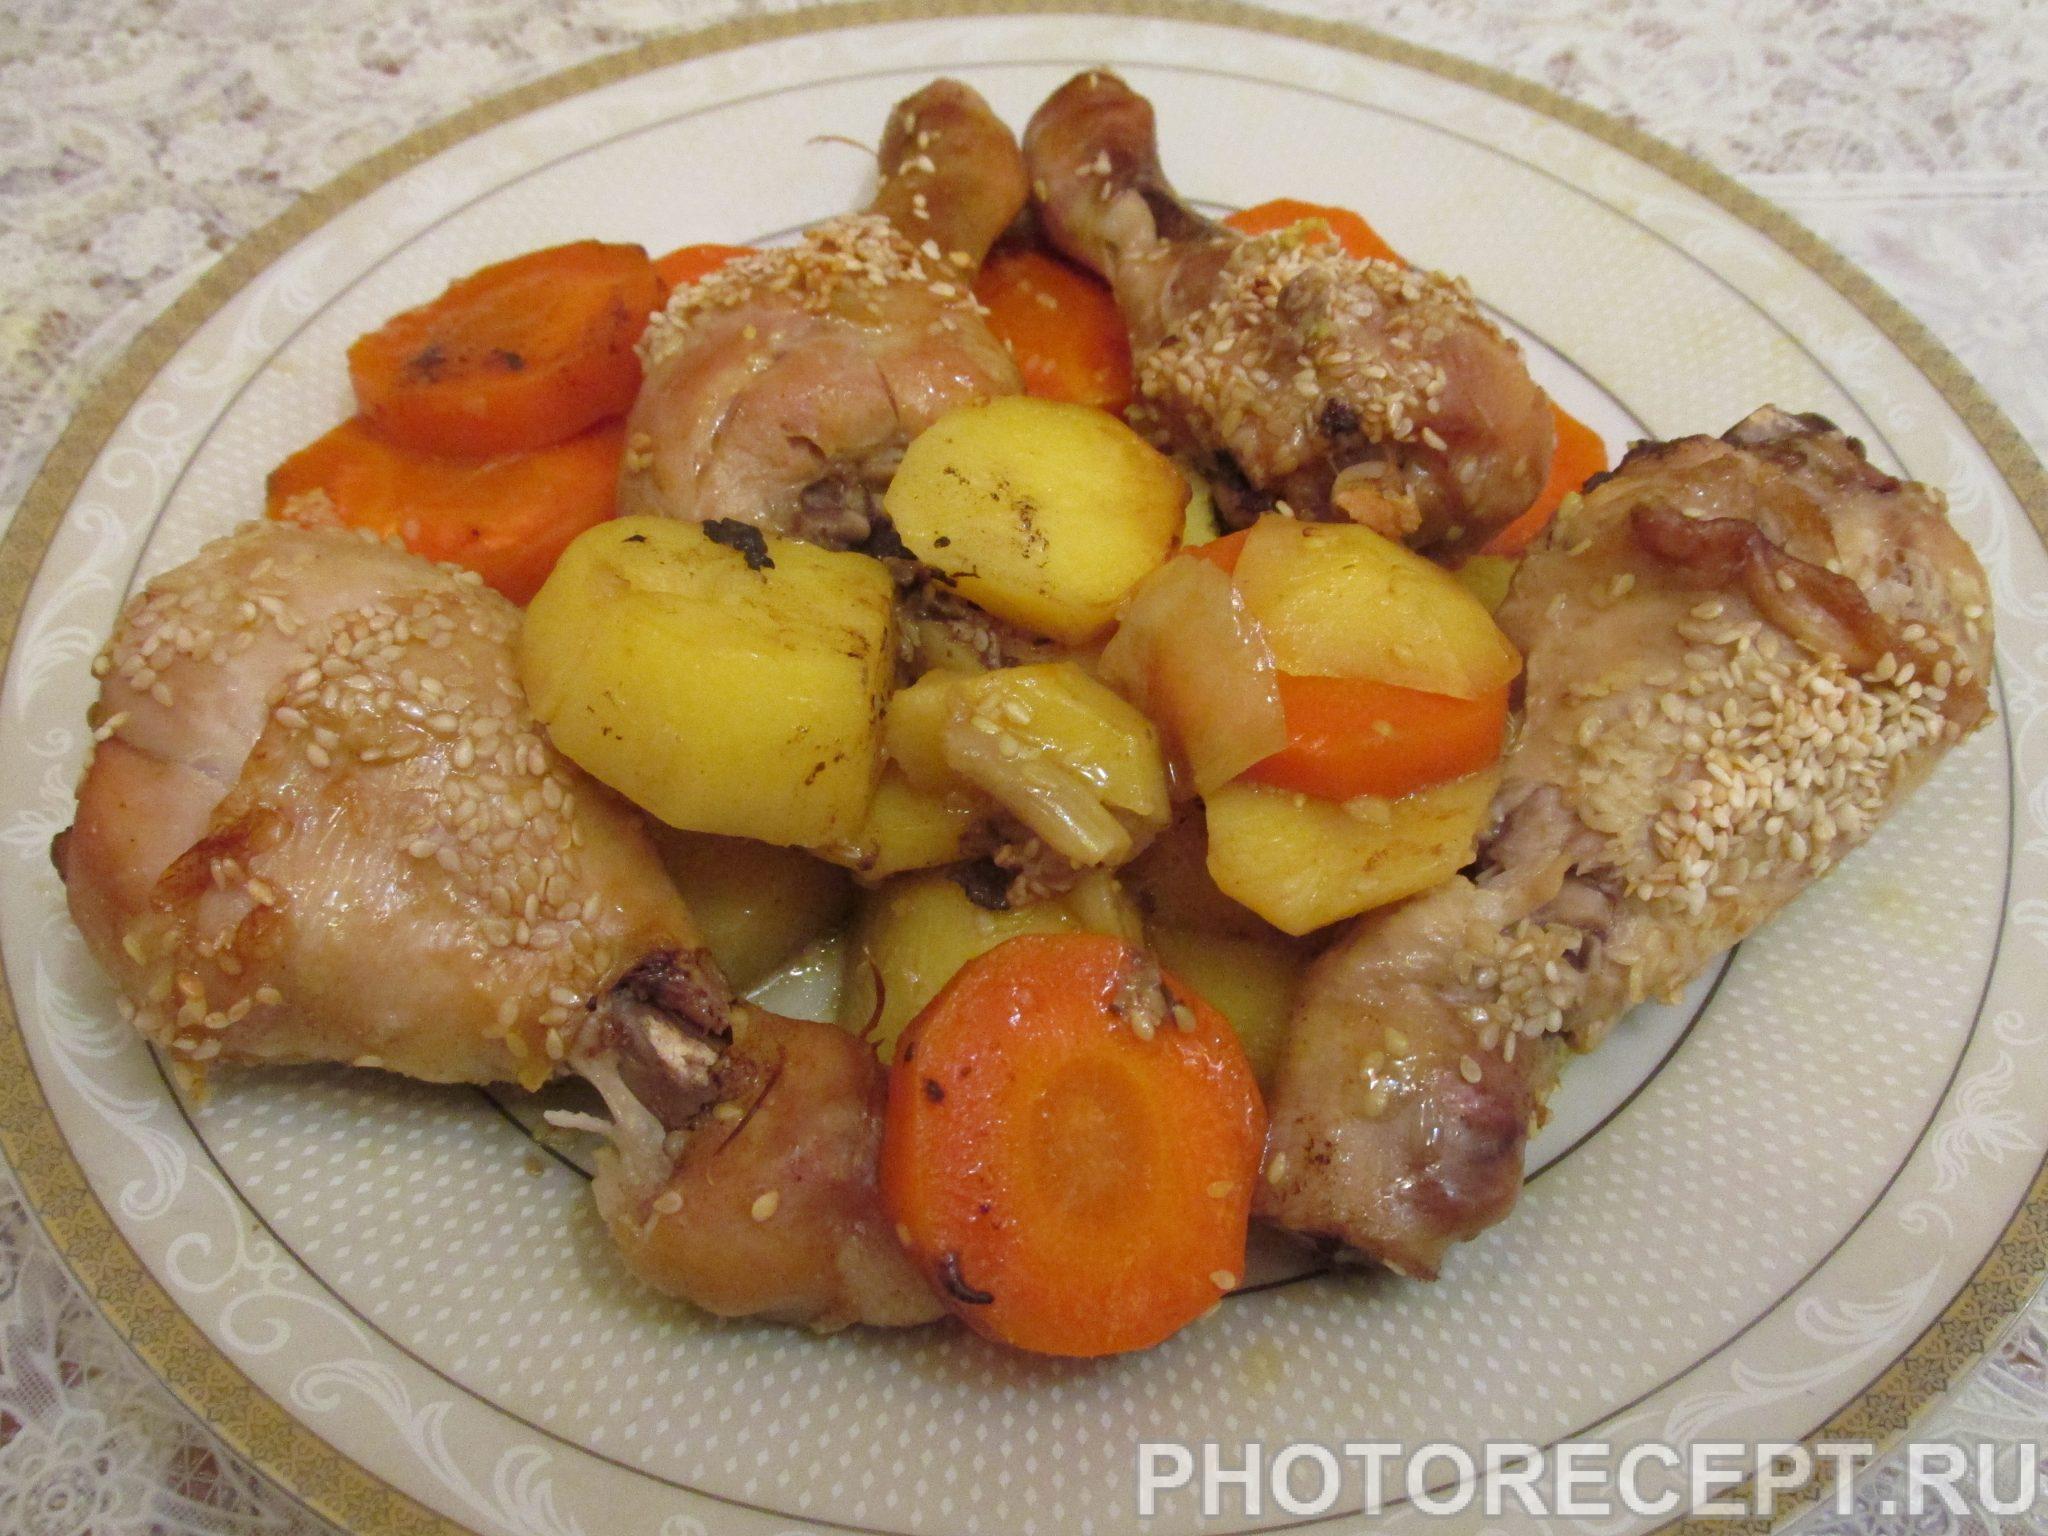 Рецепт куриных ножек в духовке с овощами пошагово